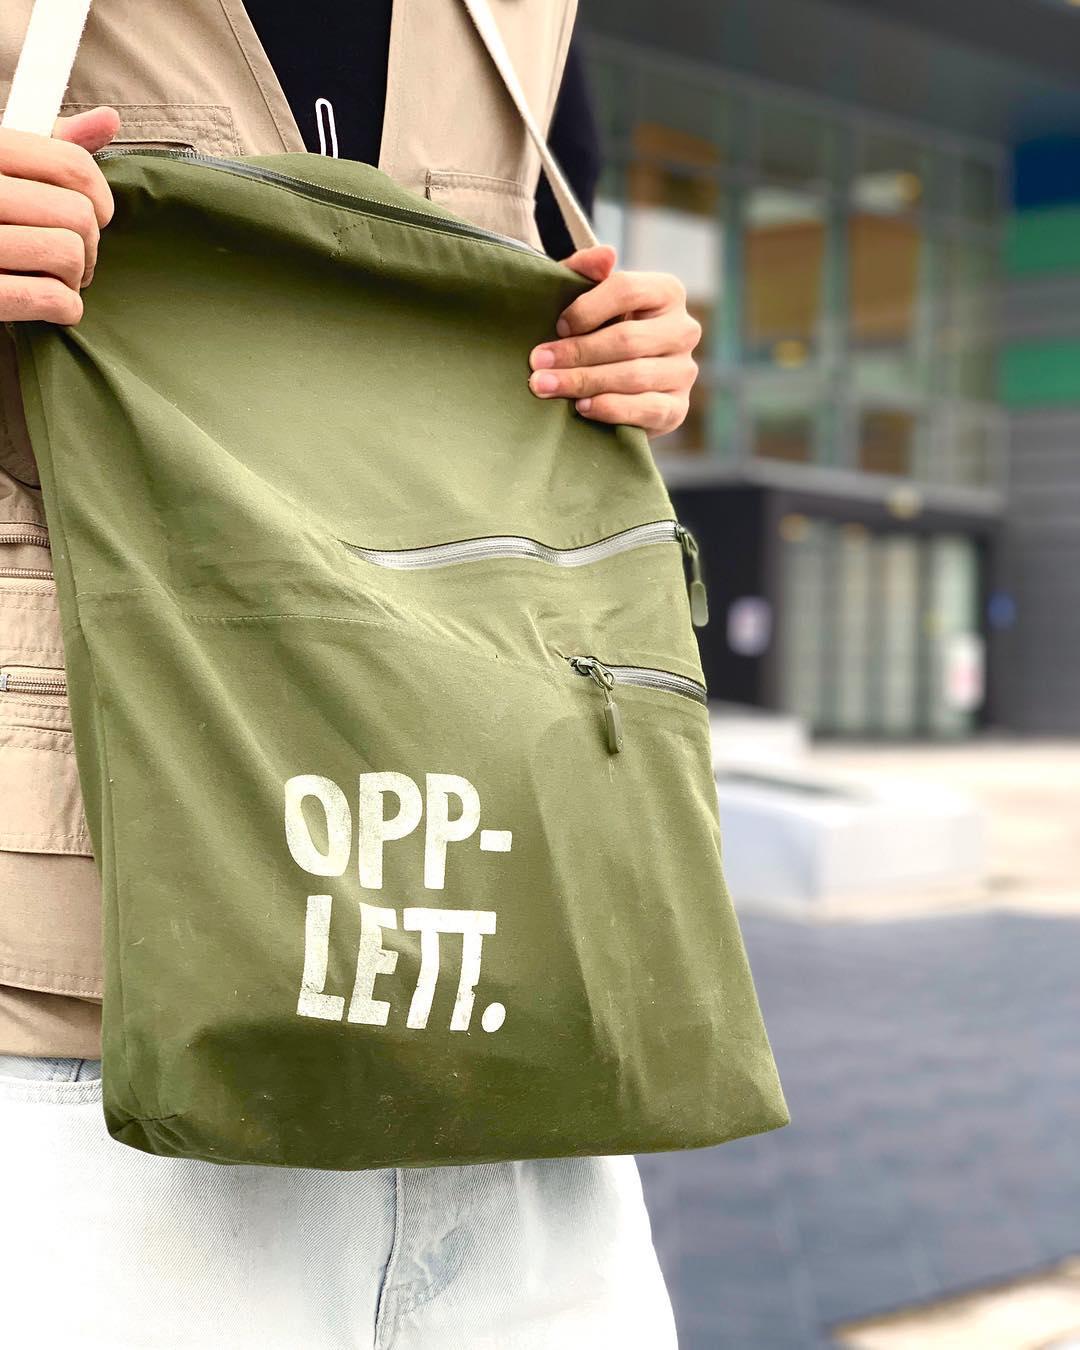 VANNTETT IDE : Med disse bærenettene kan bergensere oppbevare tingene sine trygt fra regnet. Foto: Opplett UB.